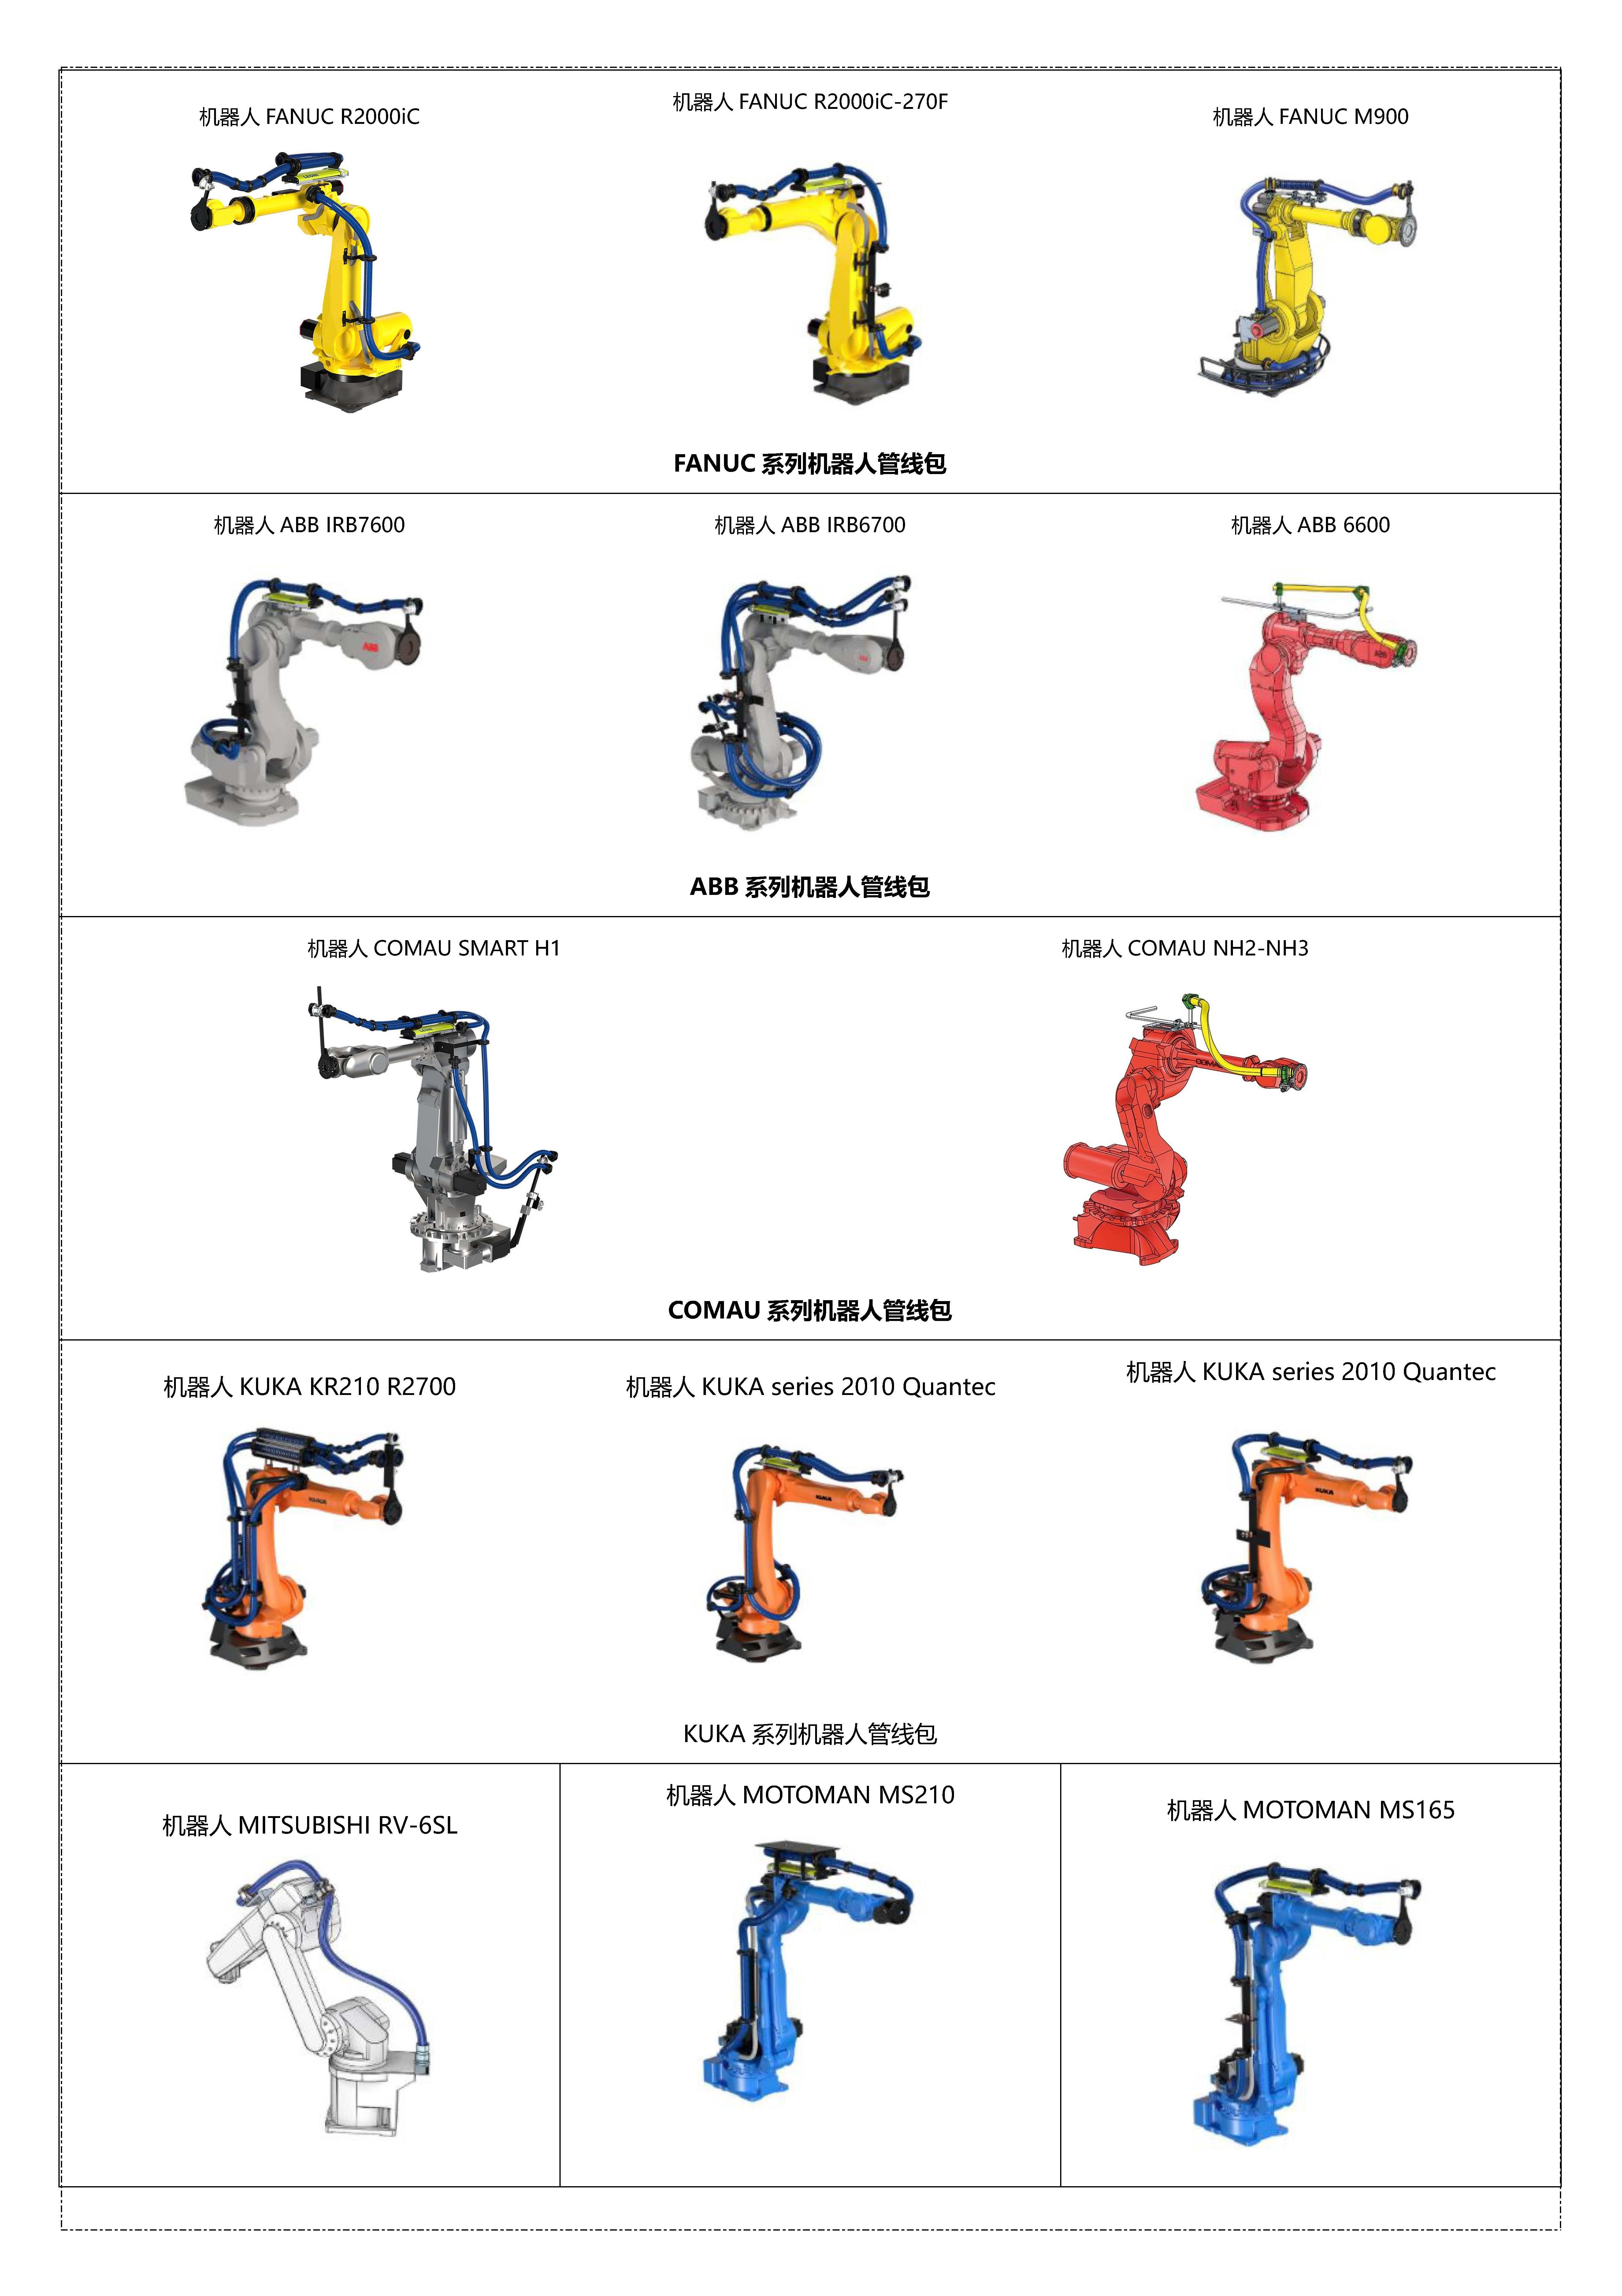 管线包;机器人管线包;搬运机器人管线包;焊接机器人管线包;ABB机器人管线包;奇瑞机器人管线包;Comau机器人管线包;Denso机器人管线包;Fanuc机器人管线包、Hyundai机器人管线包;Kawasaki机器人管线包;Kuka机器人管线包;Mitsubish机器人管线包;Motoman机器人管线包;becker机器人管线包;reiku机器人管线包;机器人控制伺服线束